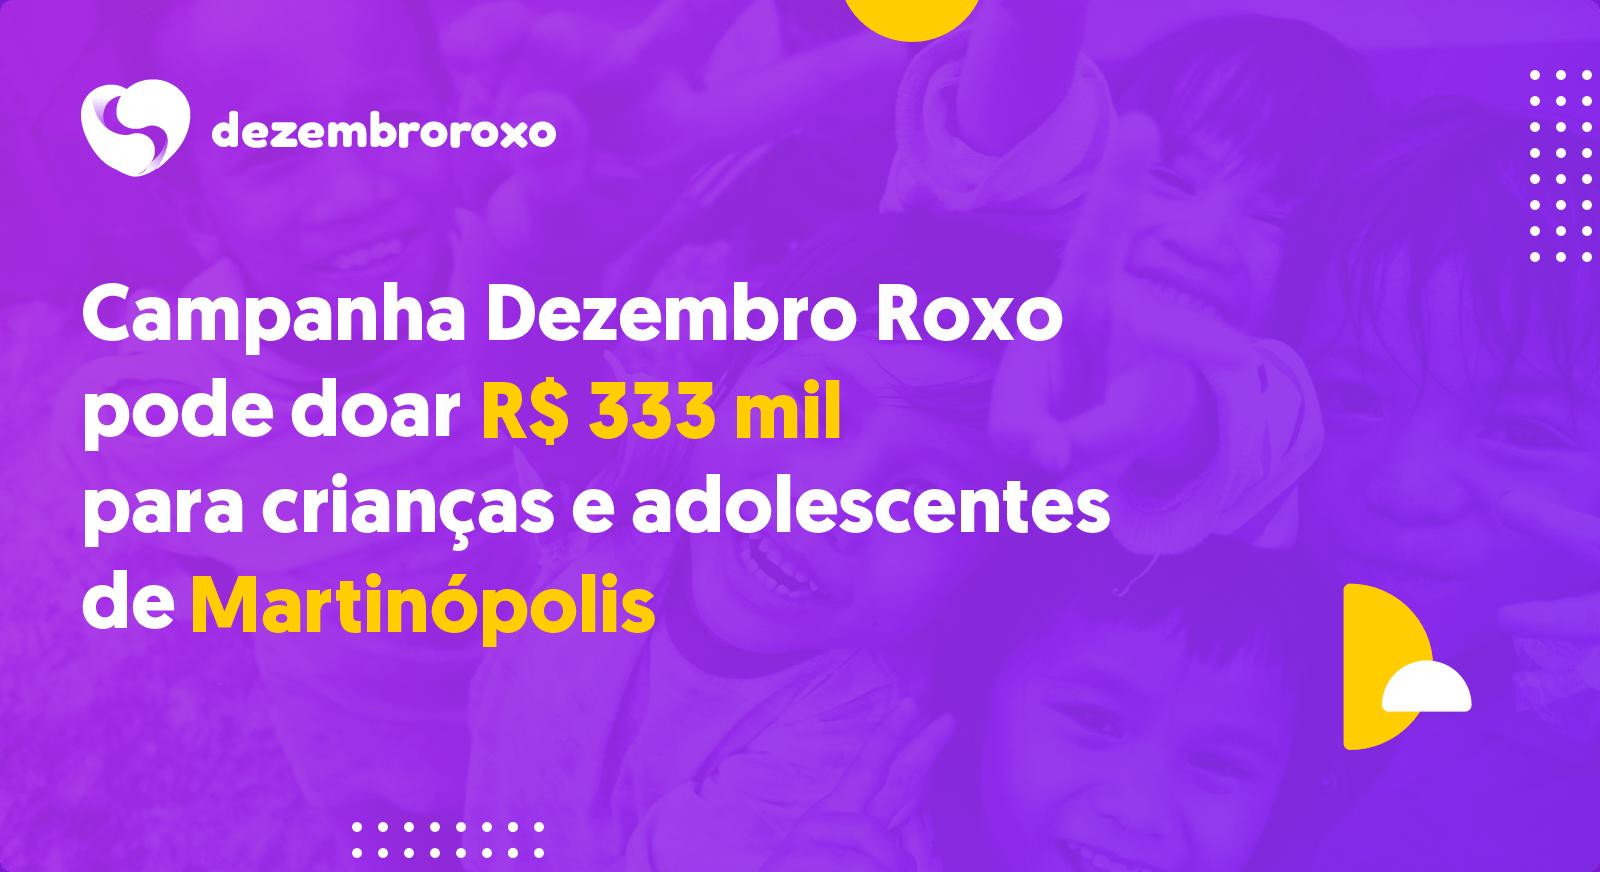 Doações em Martinópolis - SP